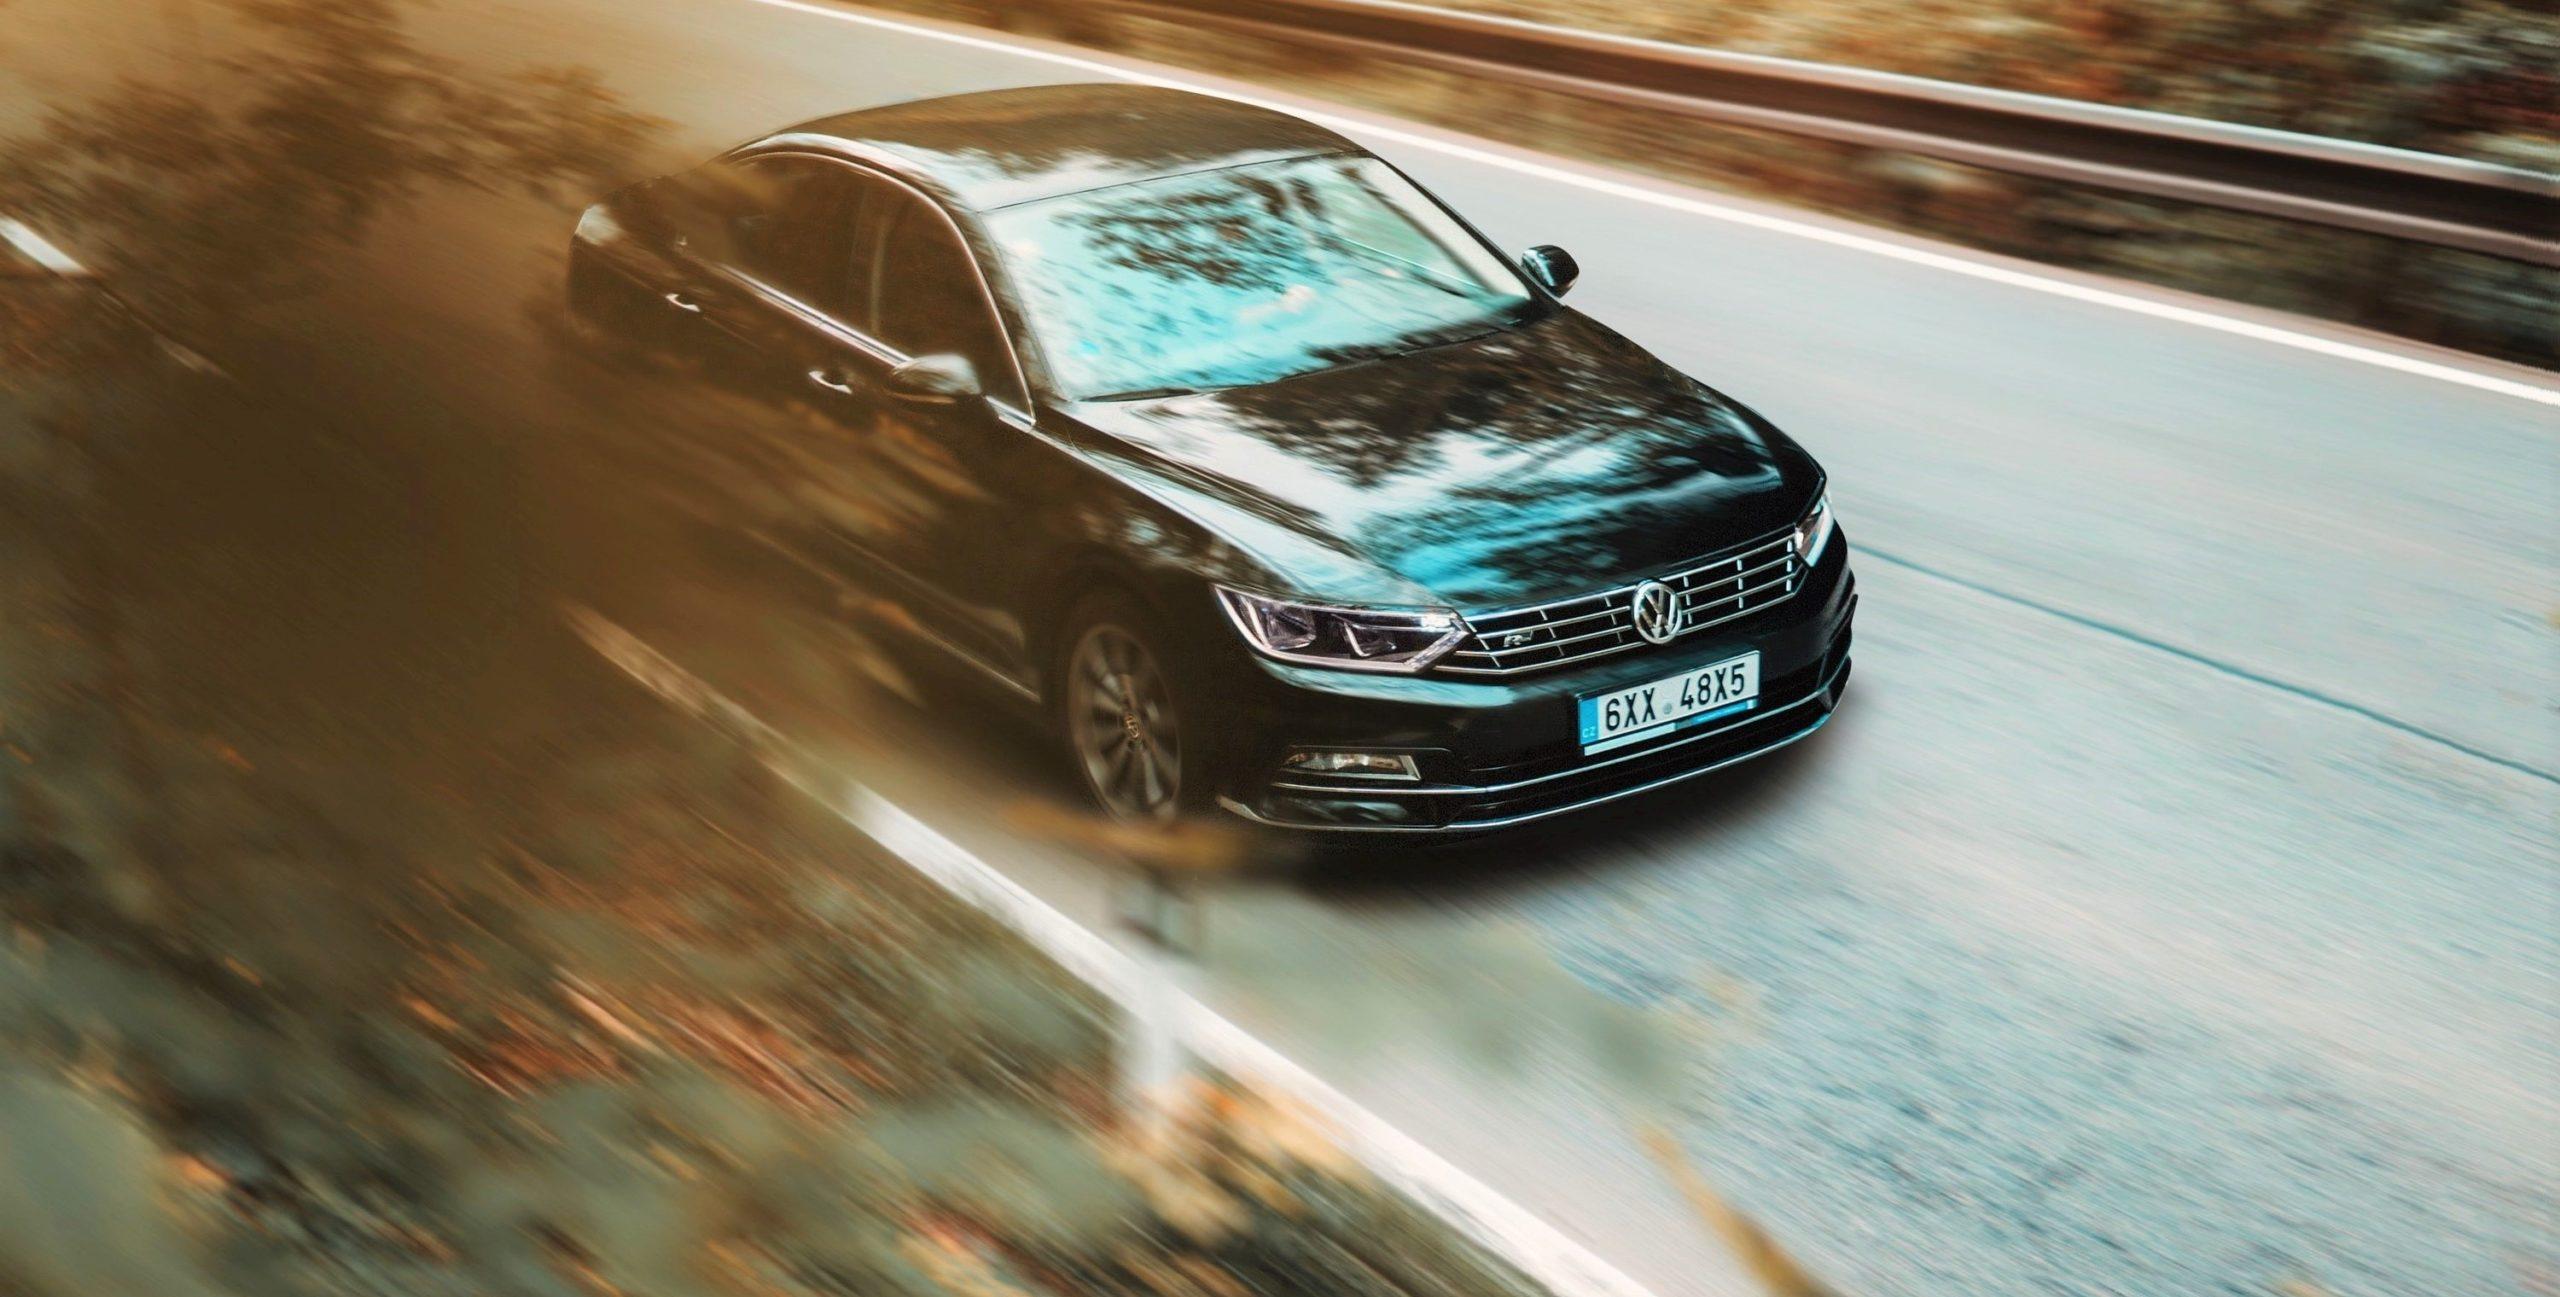 Volkswagen Automobilbezogene Finanzdienstleistungen